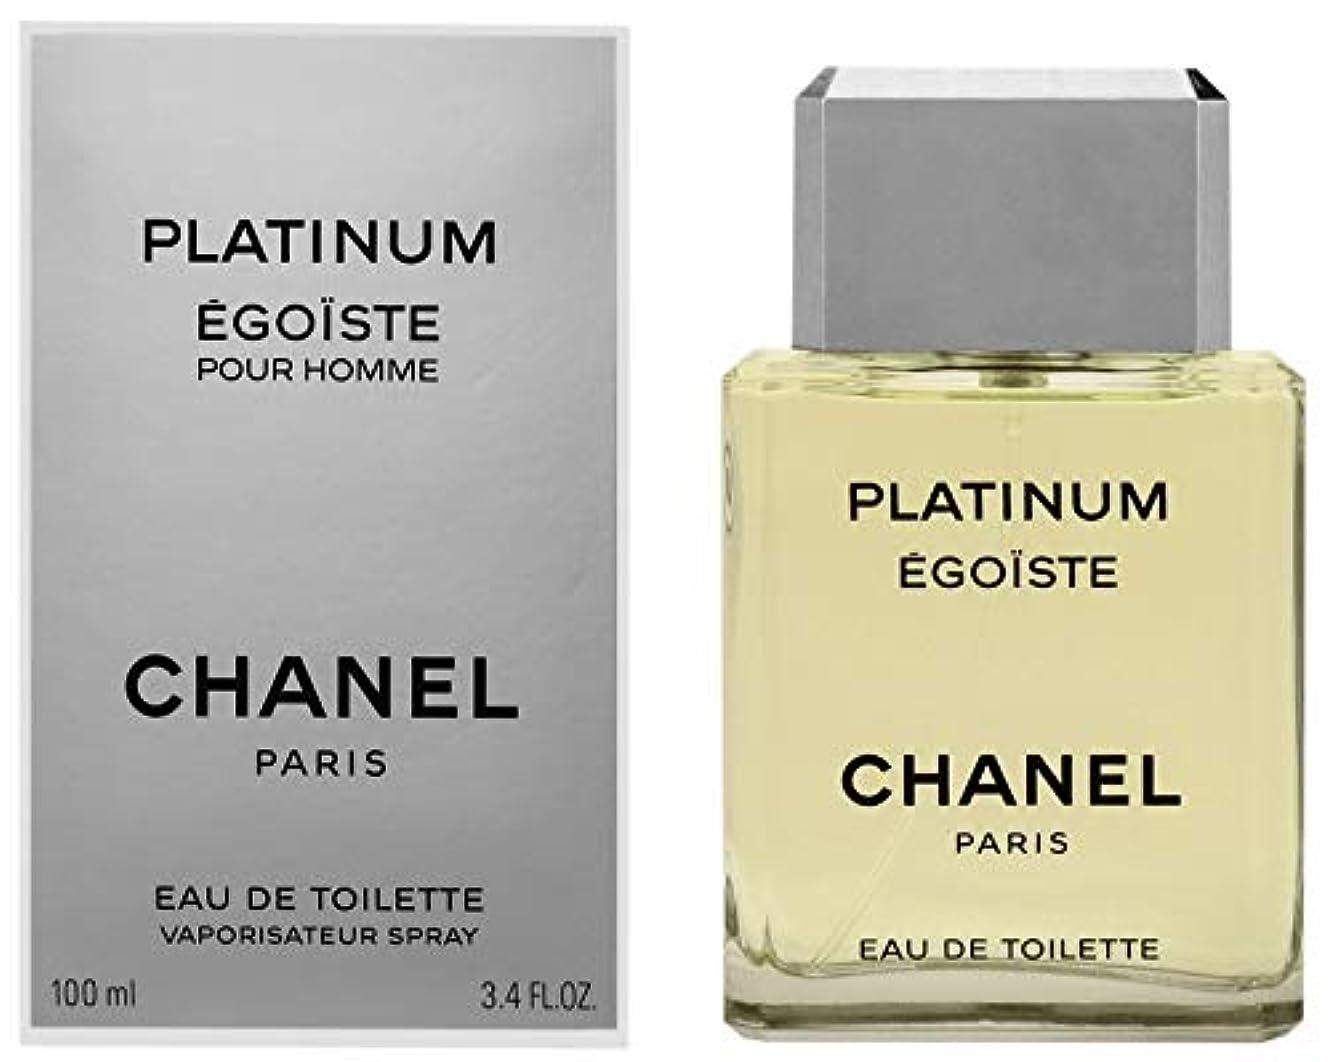 高価なスペクトラム本能CHANEL(シャネル) EGOISTE PLATINUM エゴイスト プラチナム EDT100ml オードゥトワレット スプレイ